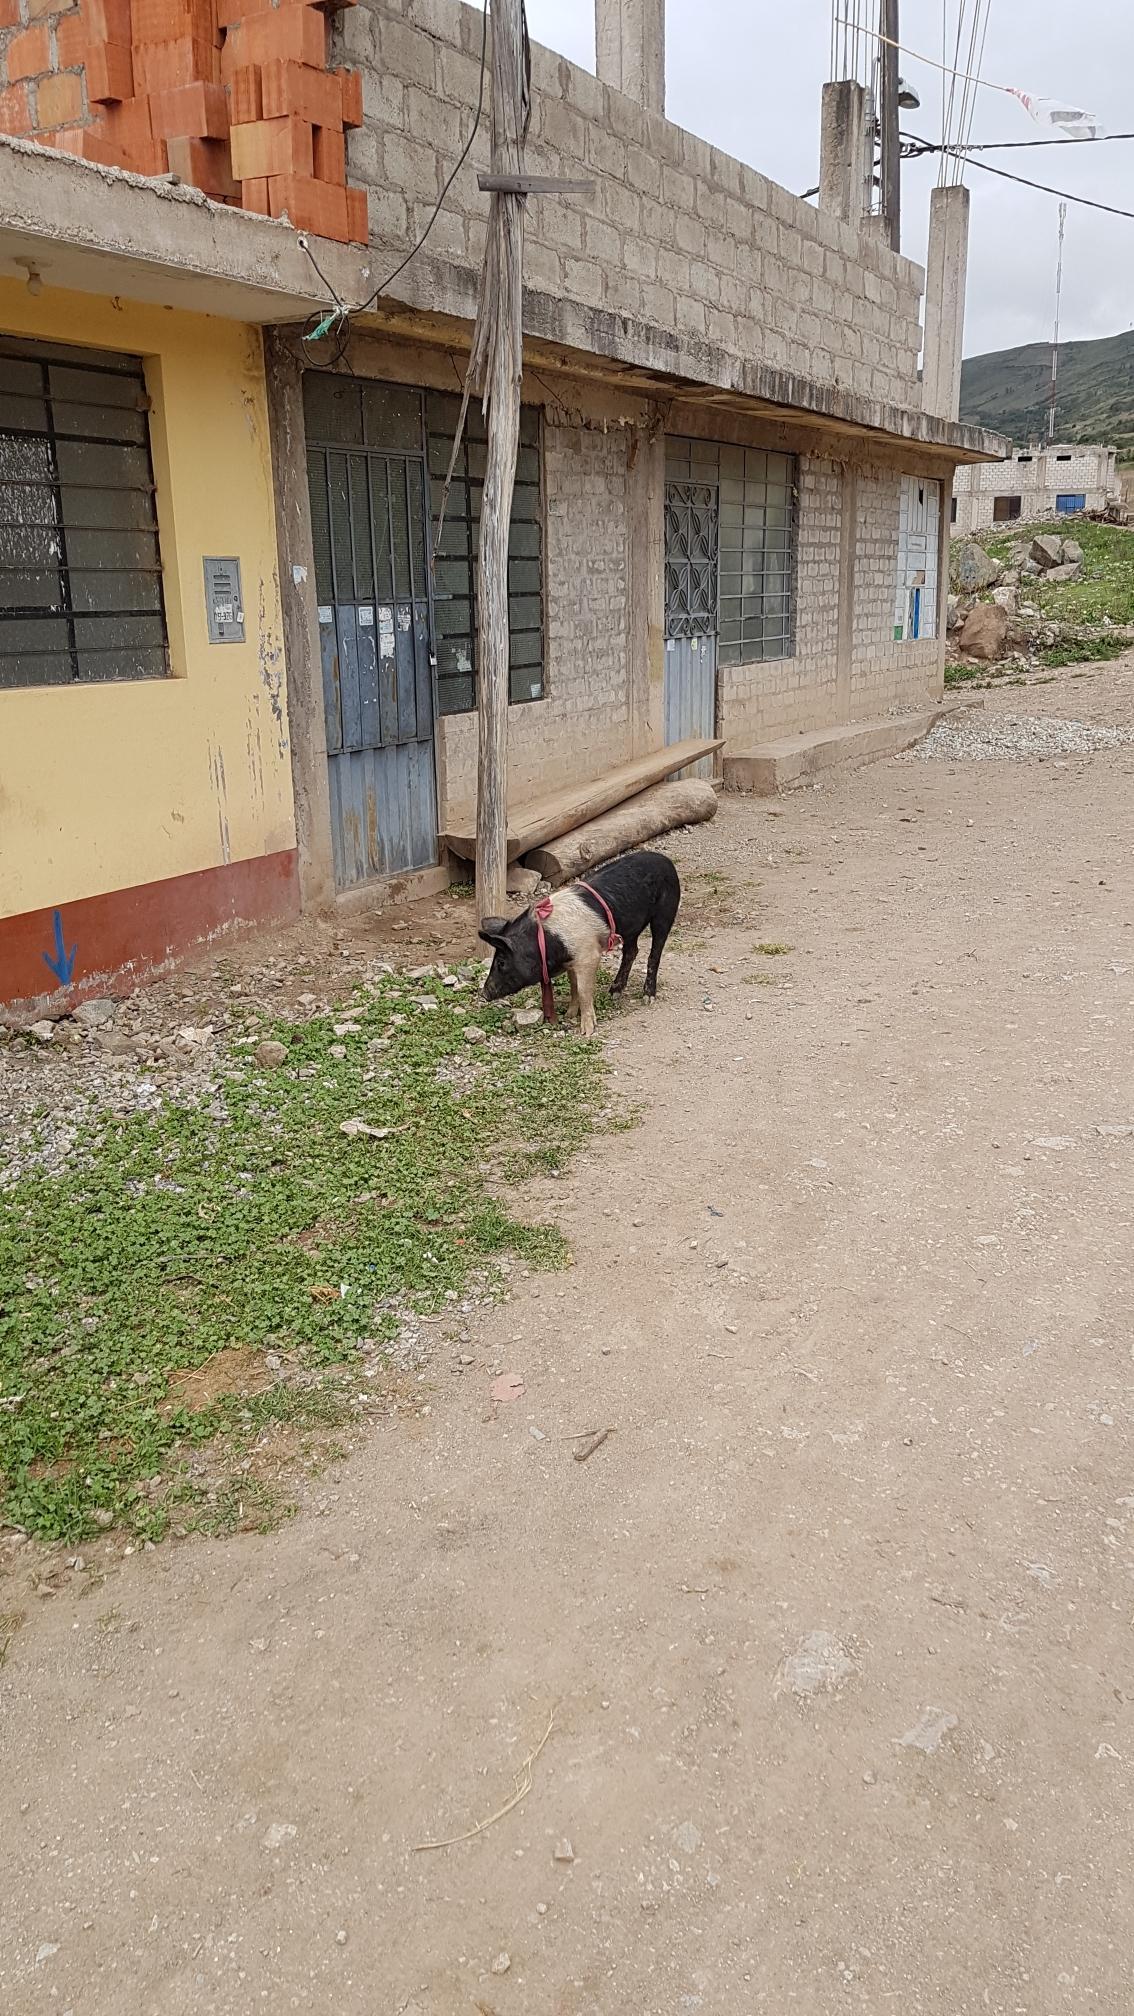 Nutztiere leben auf der Straße, wie hier das Schwein.